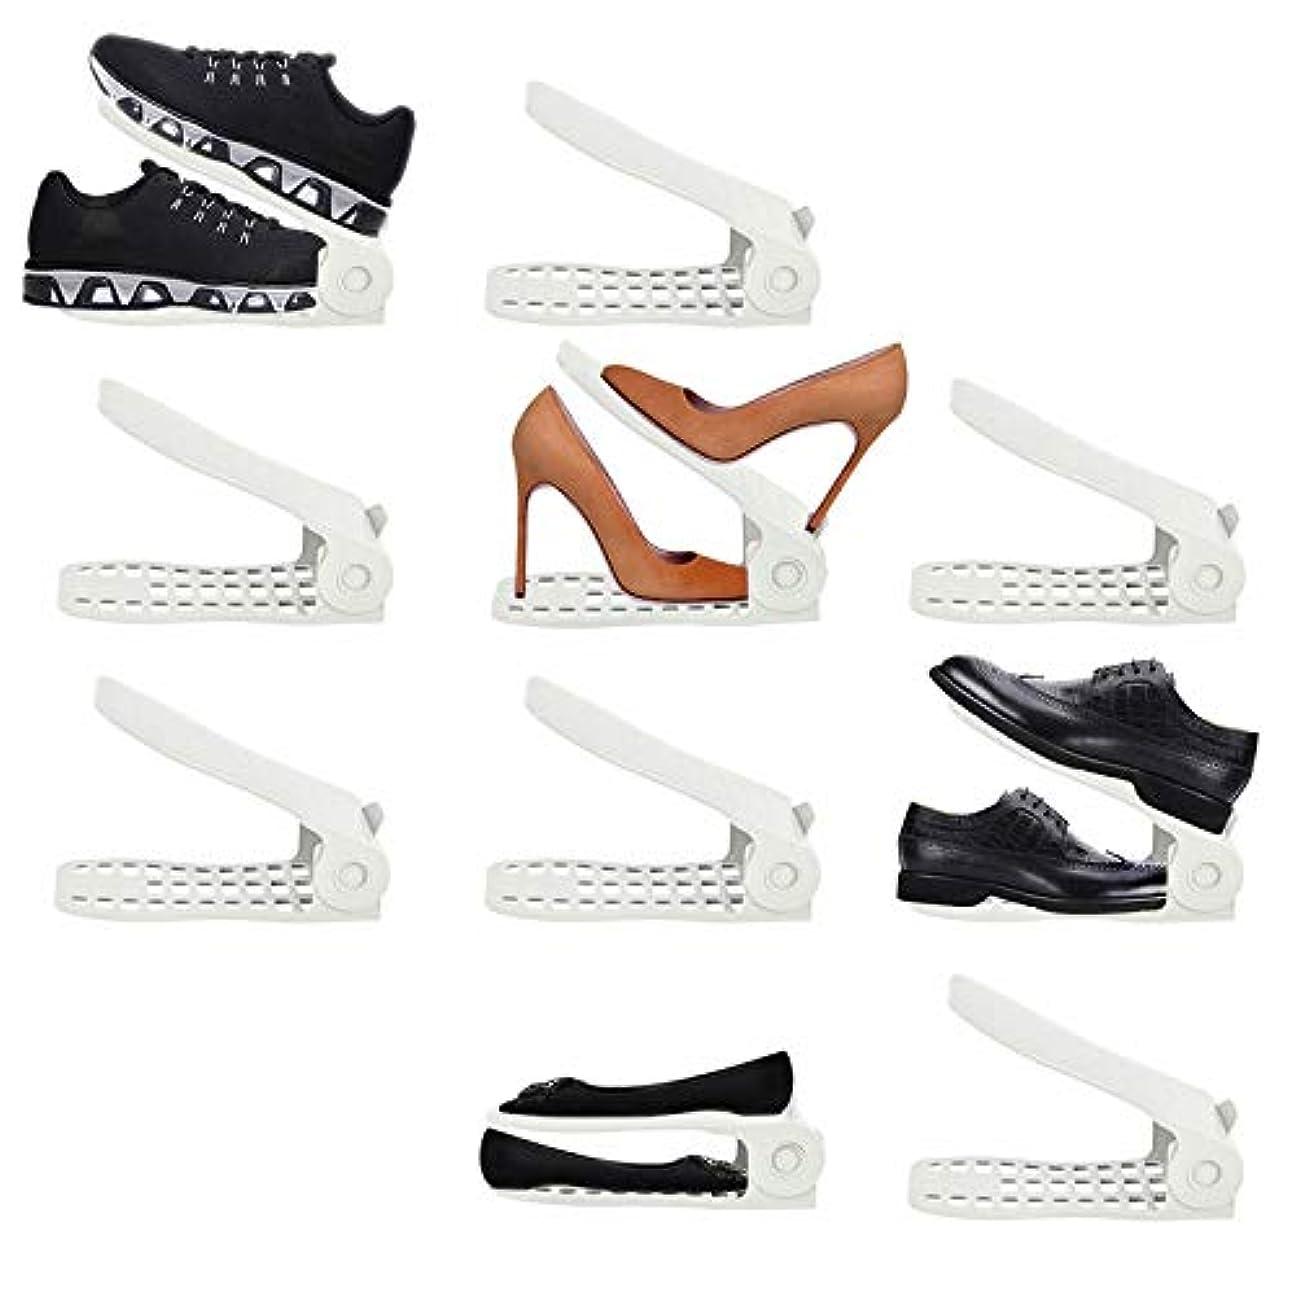 惑星知り合いオールLITTHING 靴ホルダー 省スペース 靴スタンド10個入りシューズ収納高さ調整機能付き下駄箱安定 下駄箱省スペース滑りとめ (ホワイト)